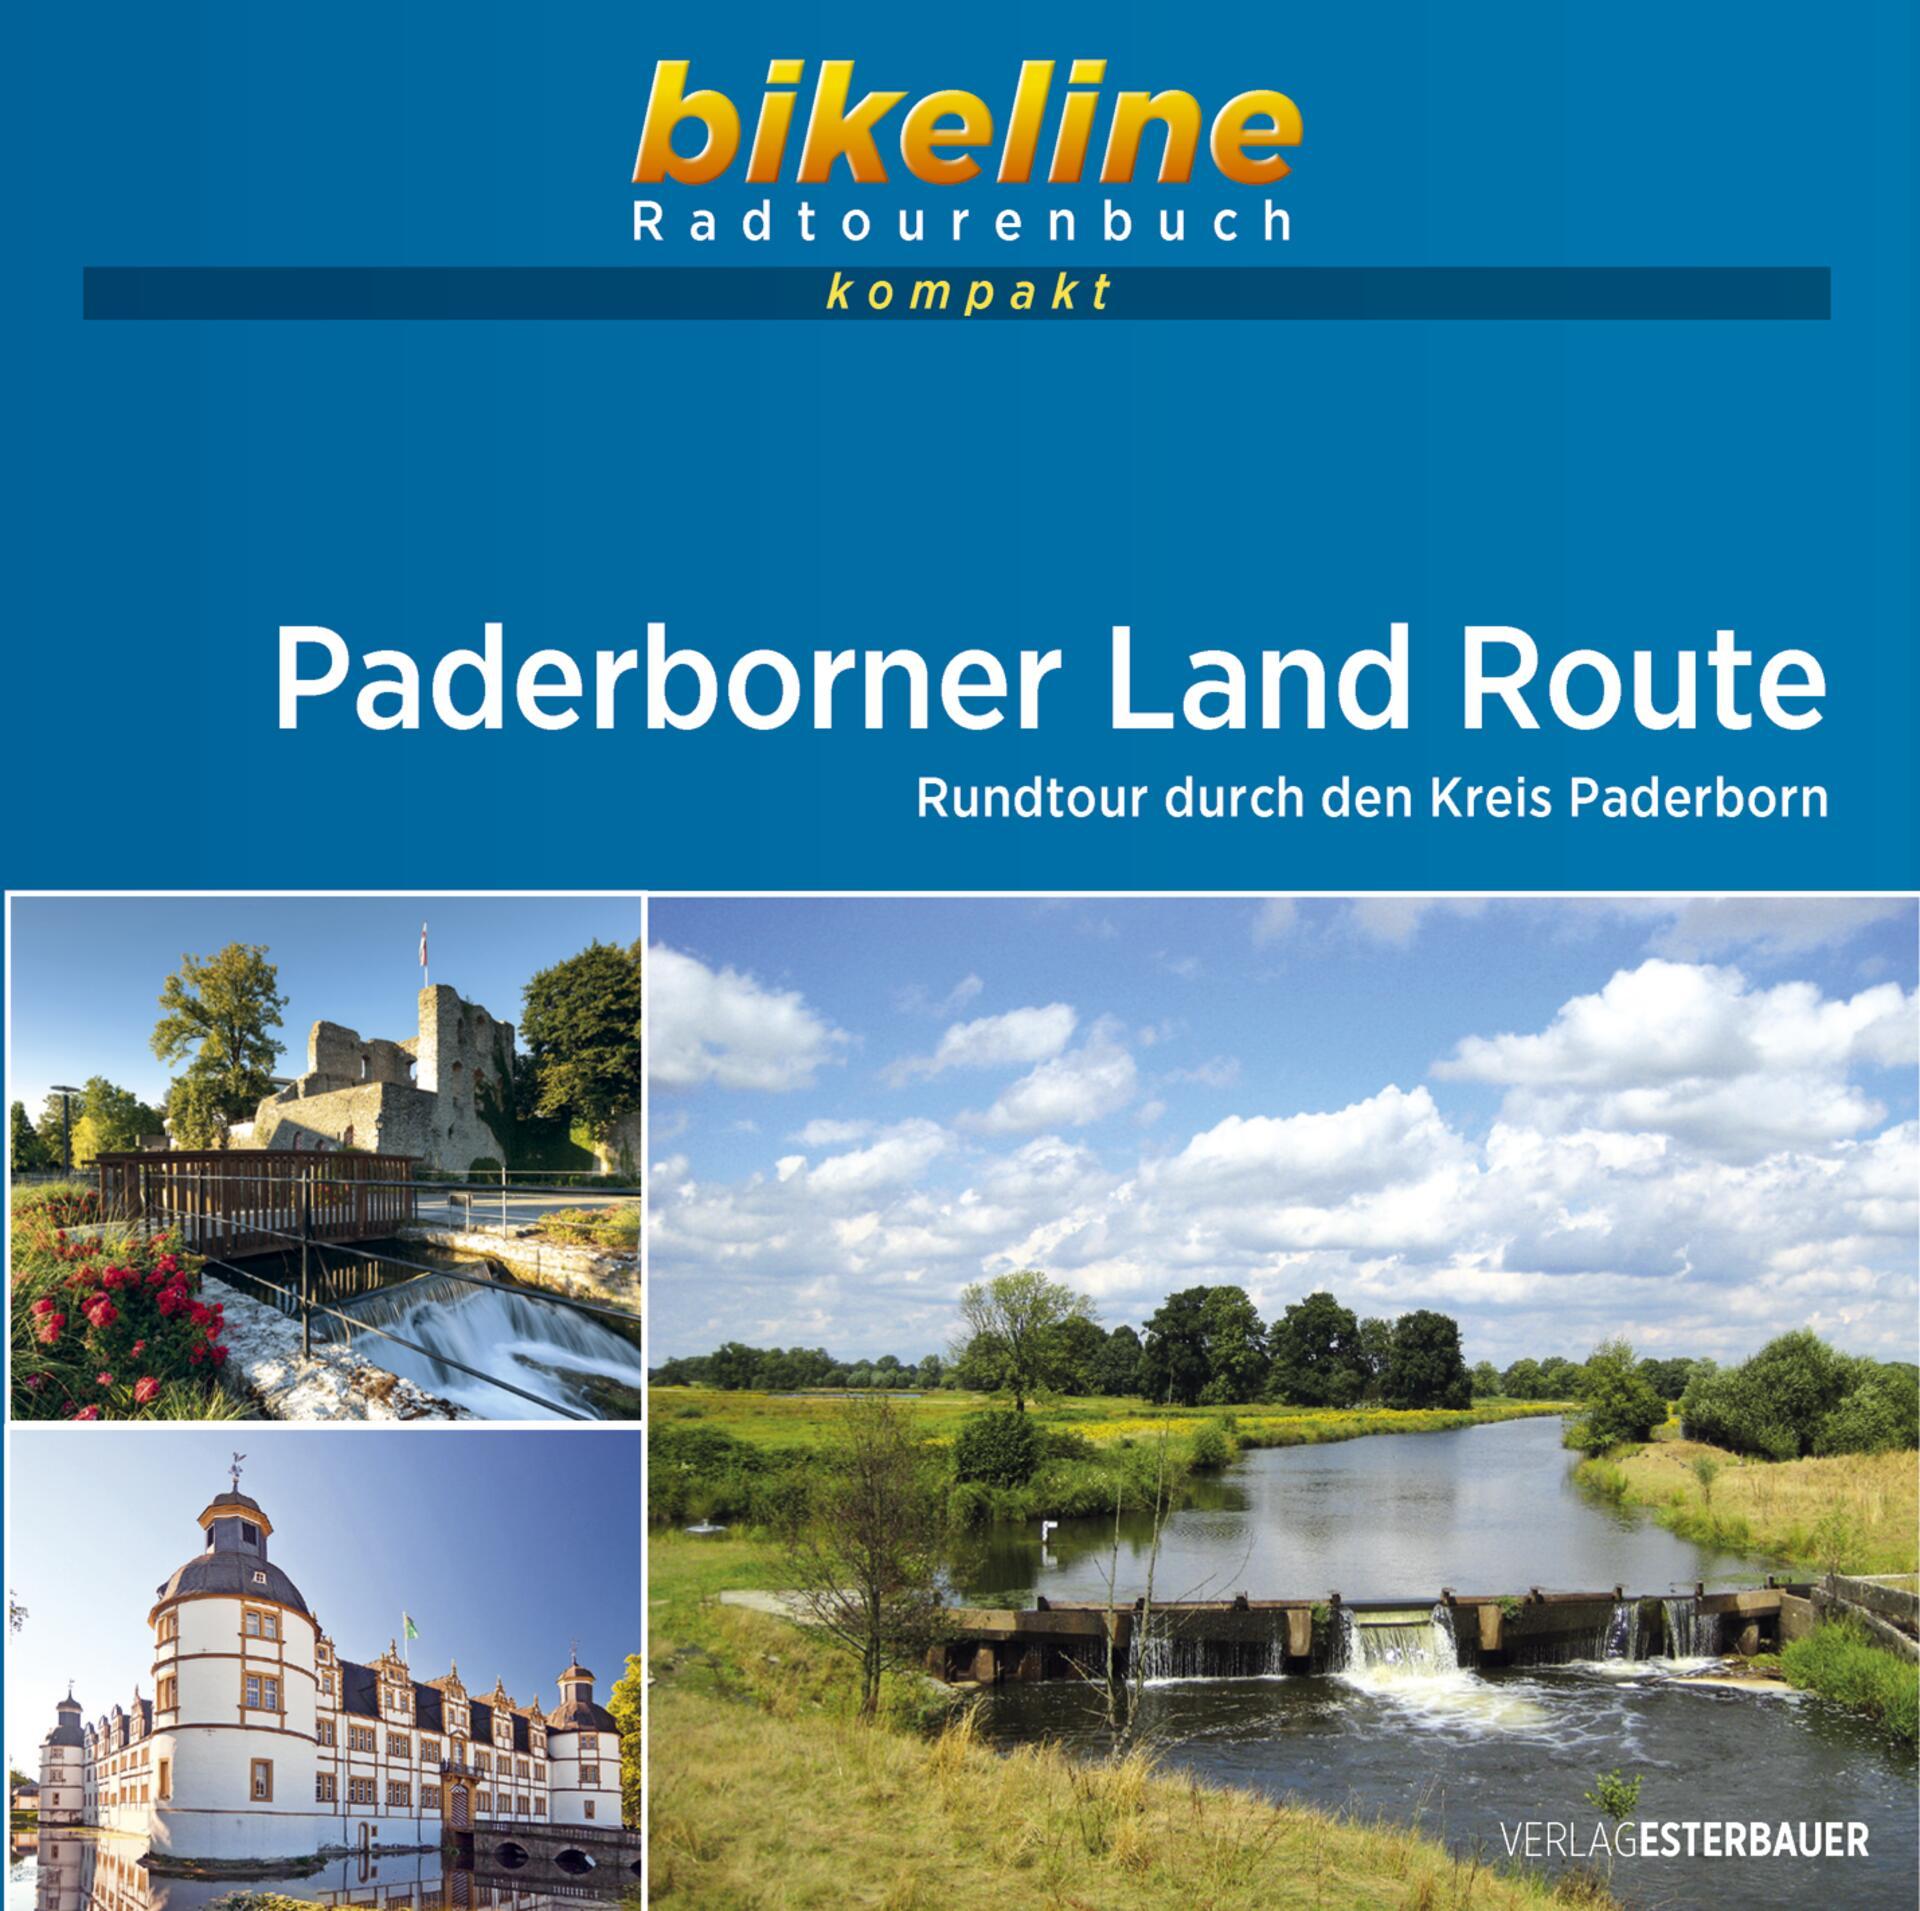 Foto vom Paderborner Land Route